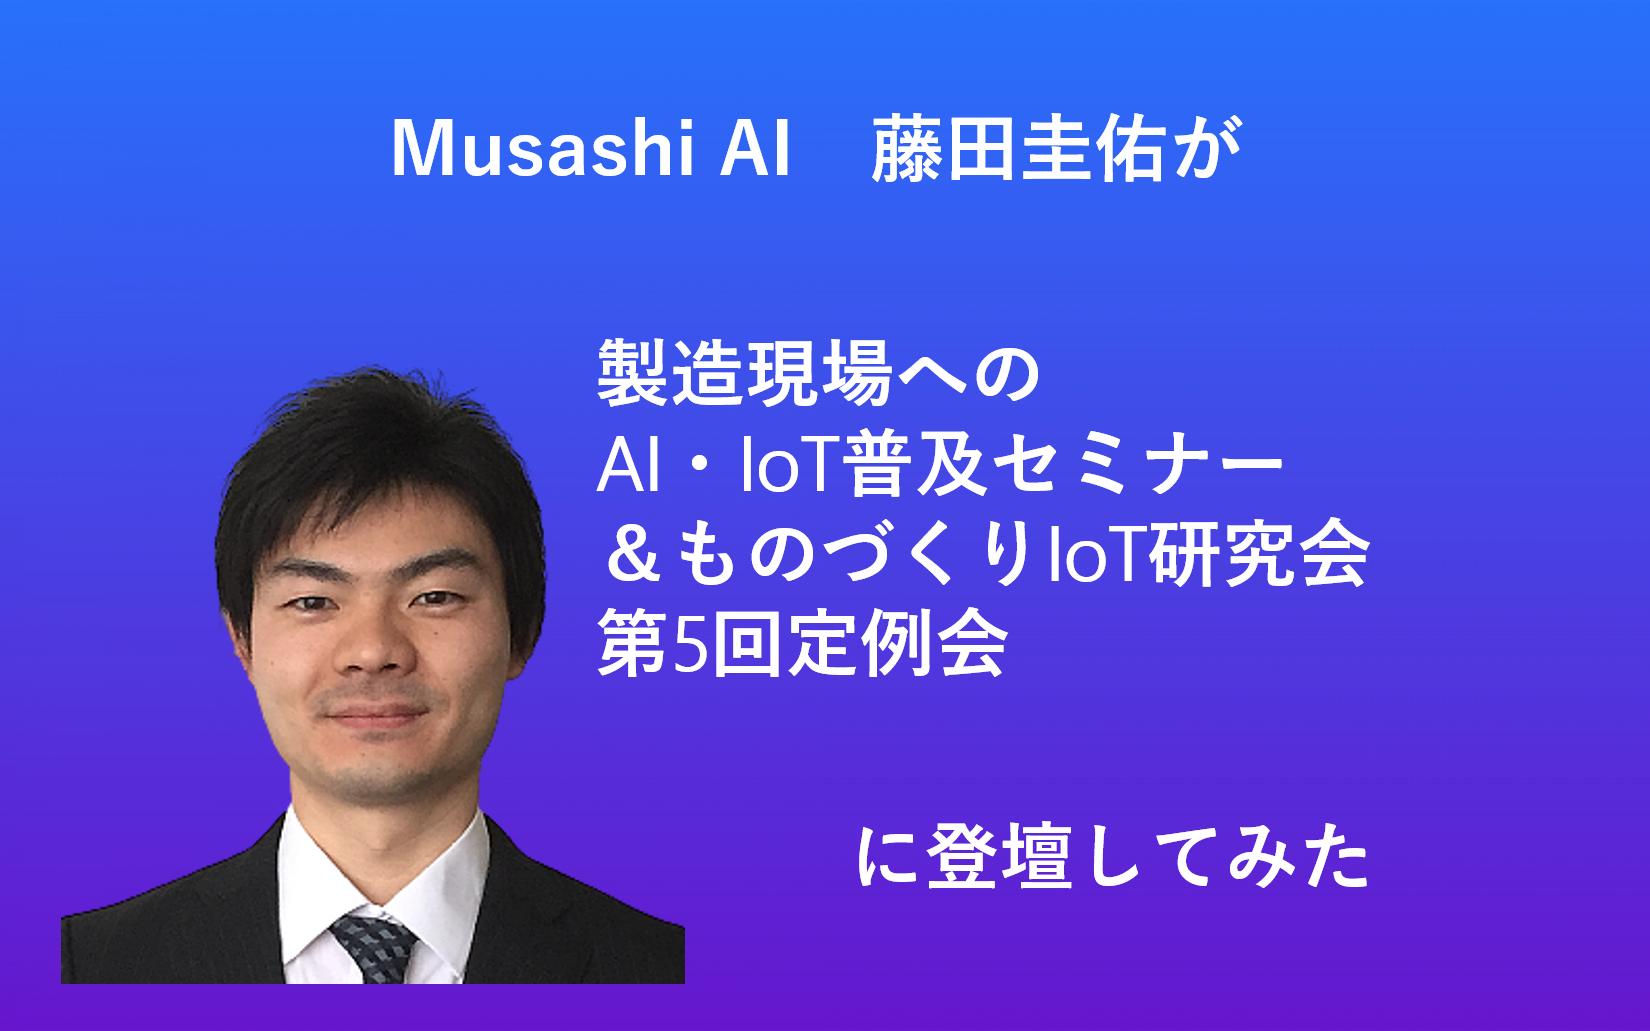 【イベントレポート】製造現場へのAI・IoT普及セミナー&ものづくりIoT研究会第5回定例会